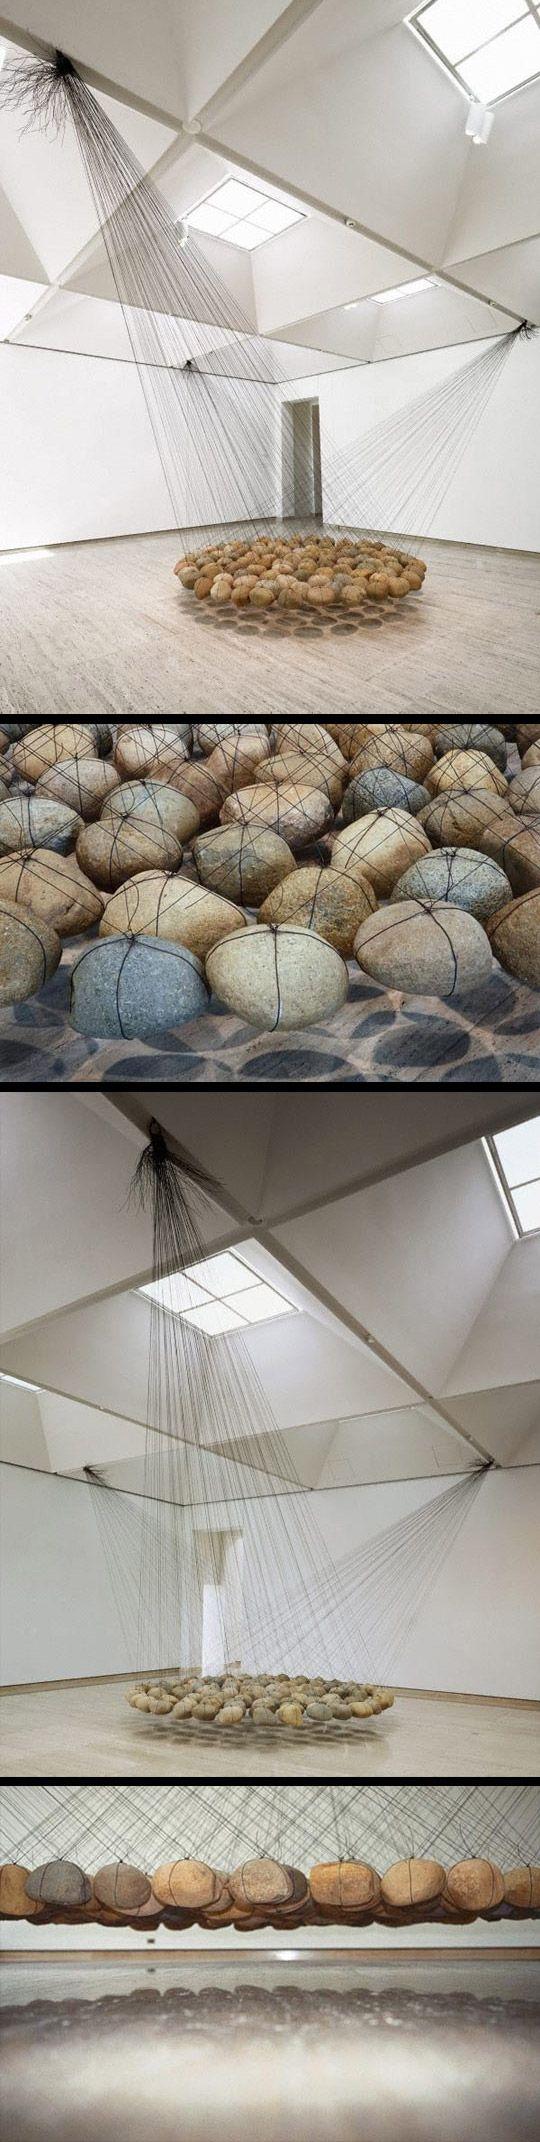 pierres-suspendues-ken-unsworth